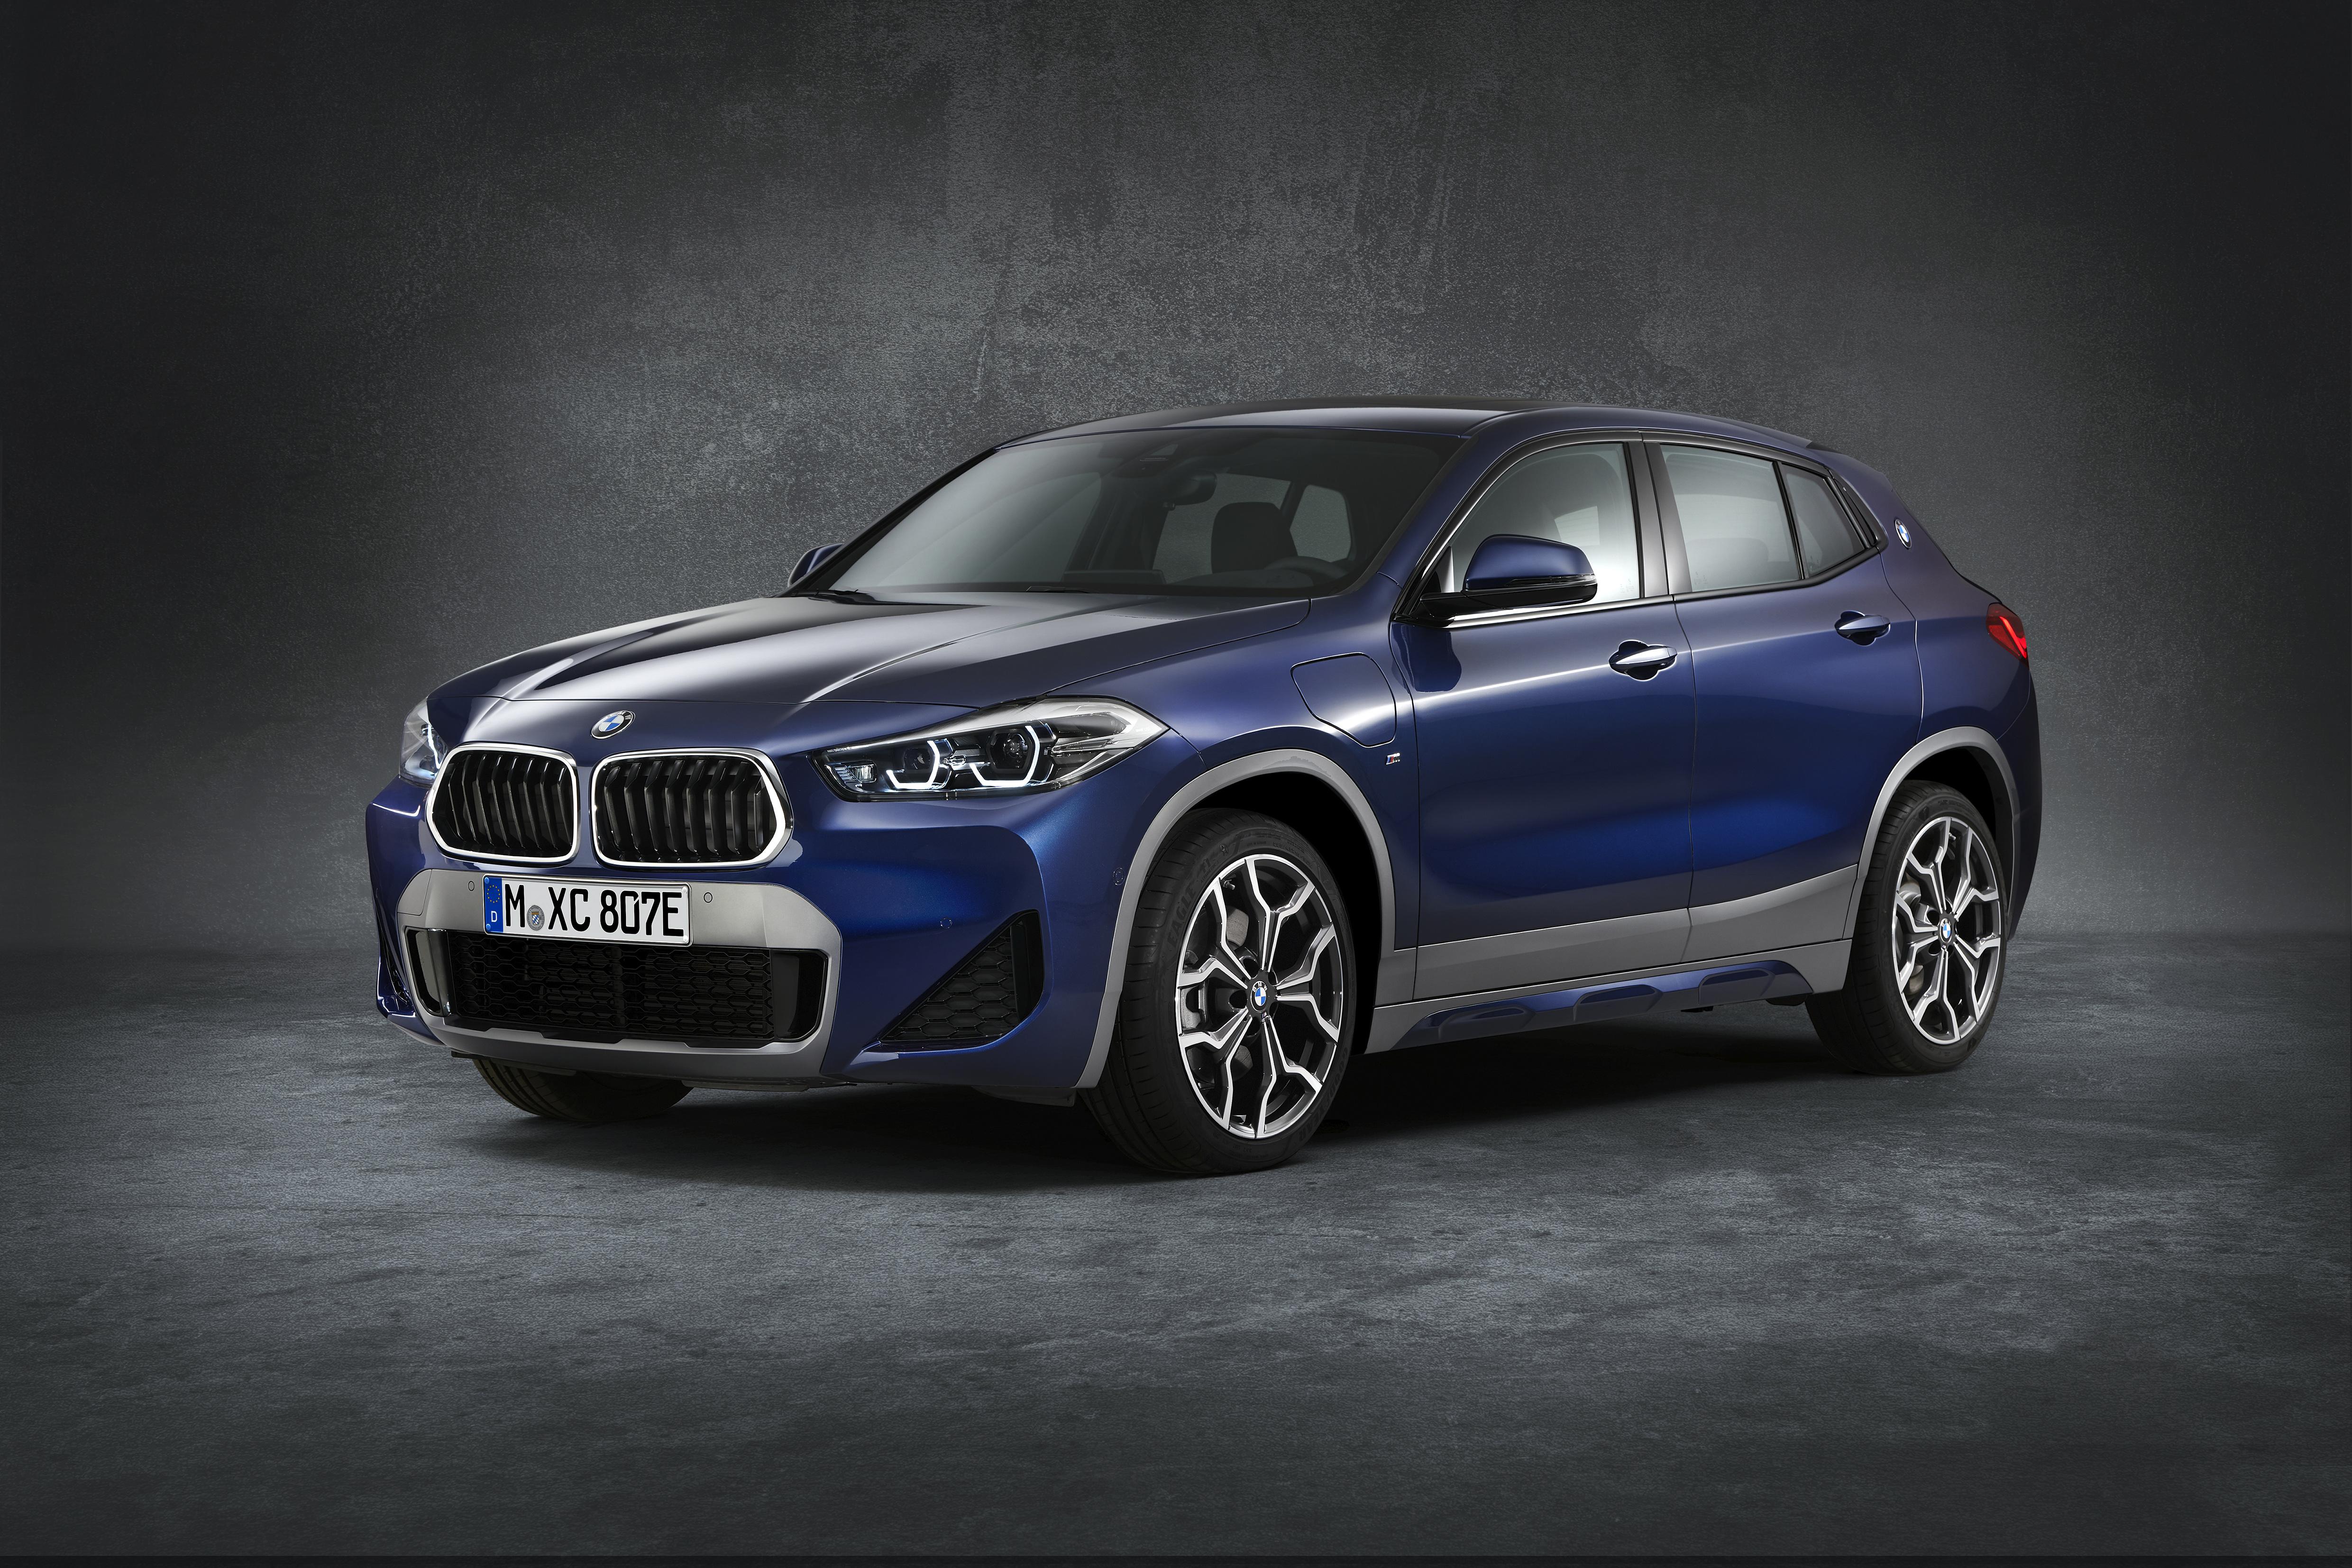 BMW 2020-21 X2 xDrive25e M Sport Worldwide Fundo cinza Crossover Azul carro, automóvel, automóveis Carros